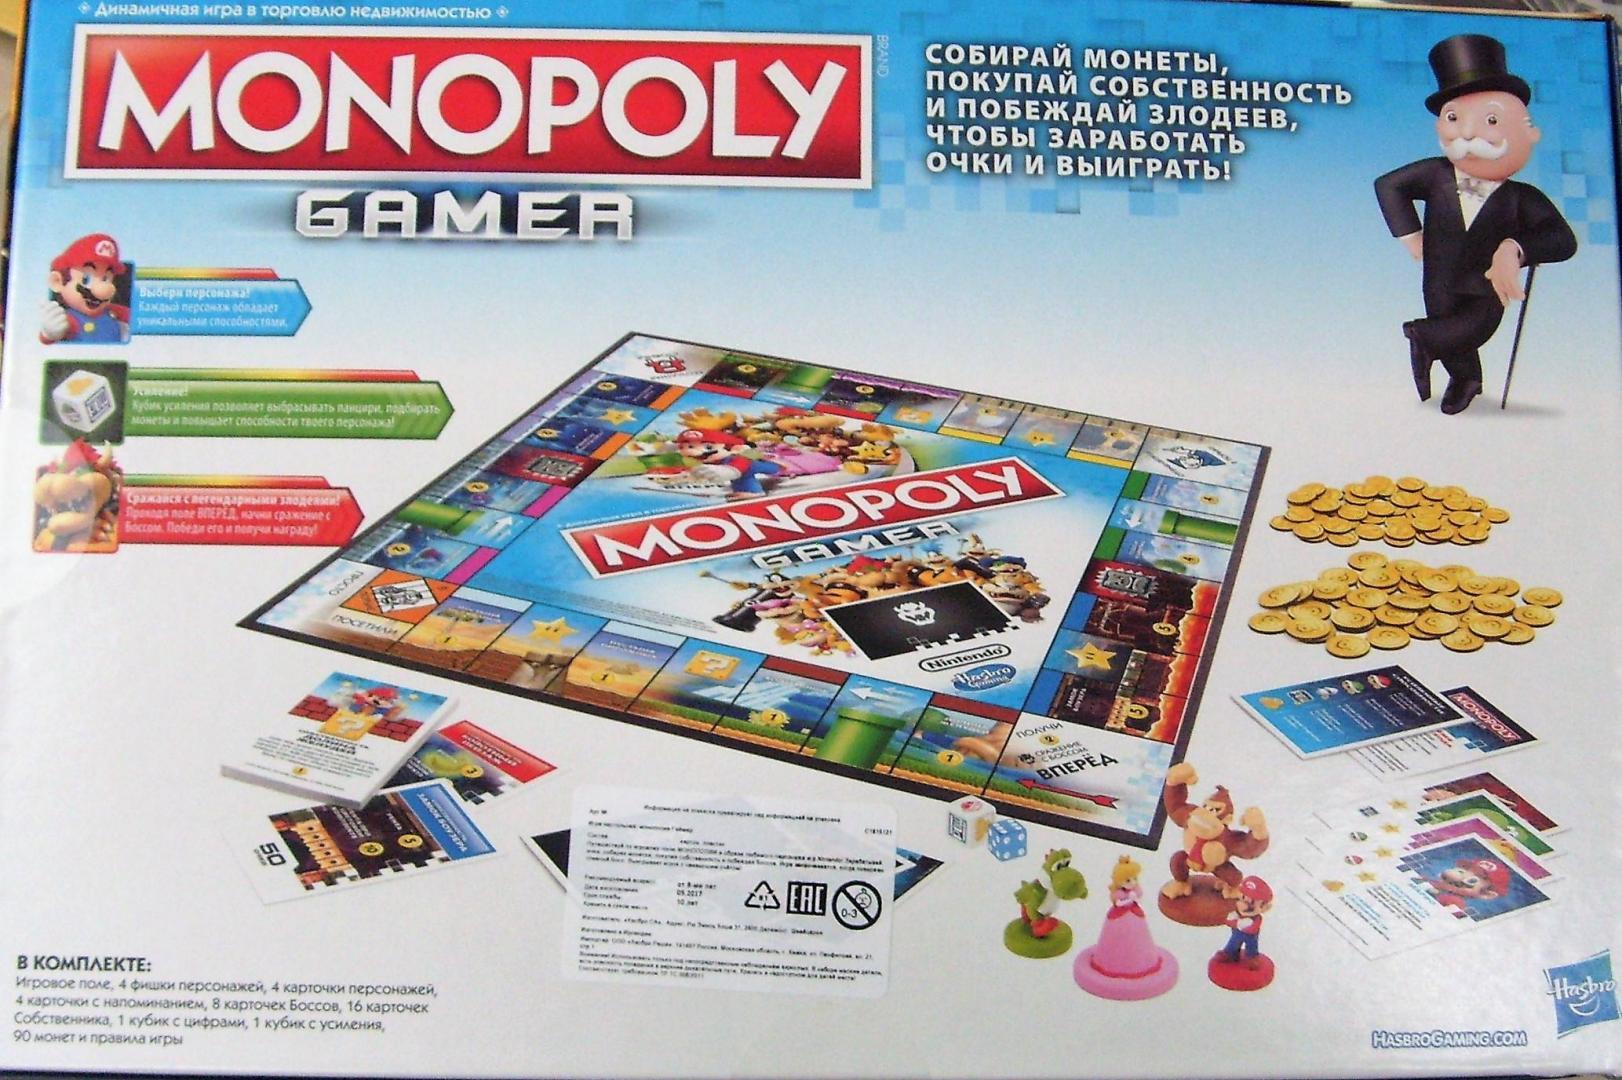 Игра монополия правила в картинках упаковка